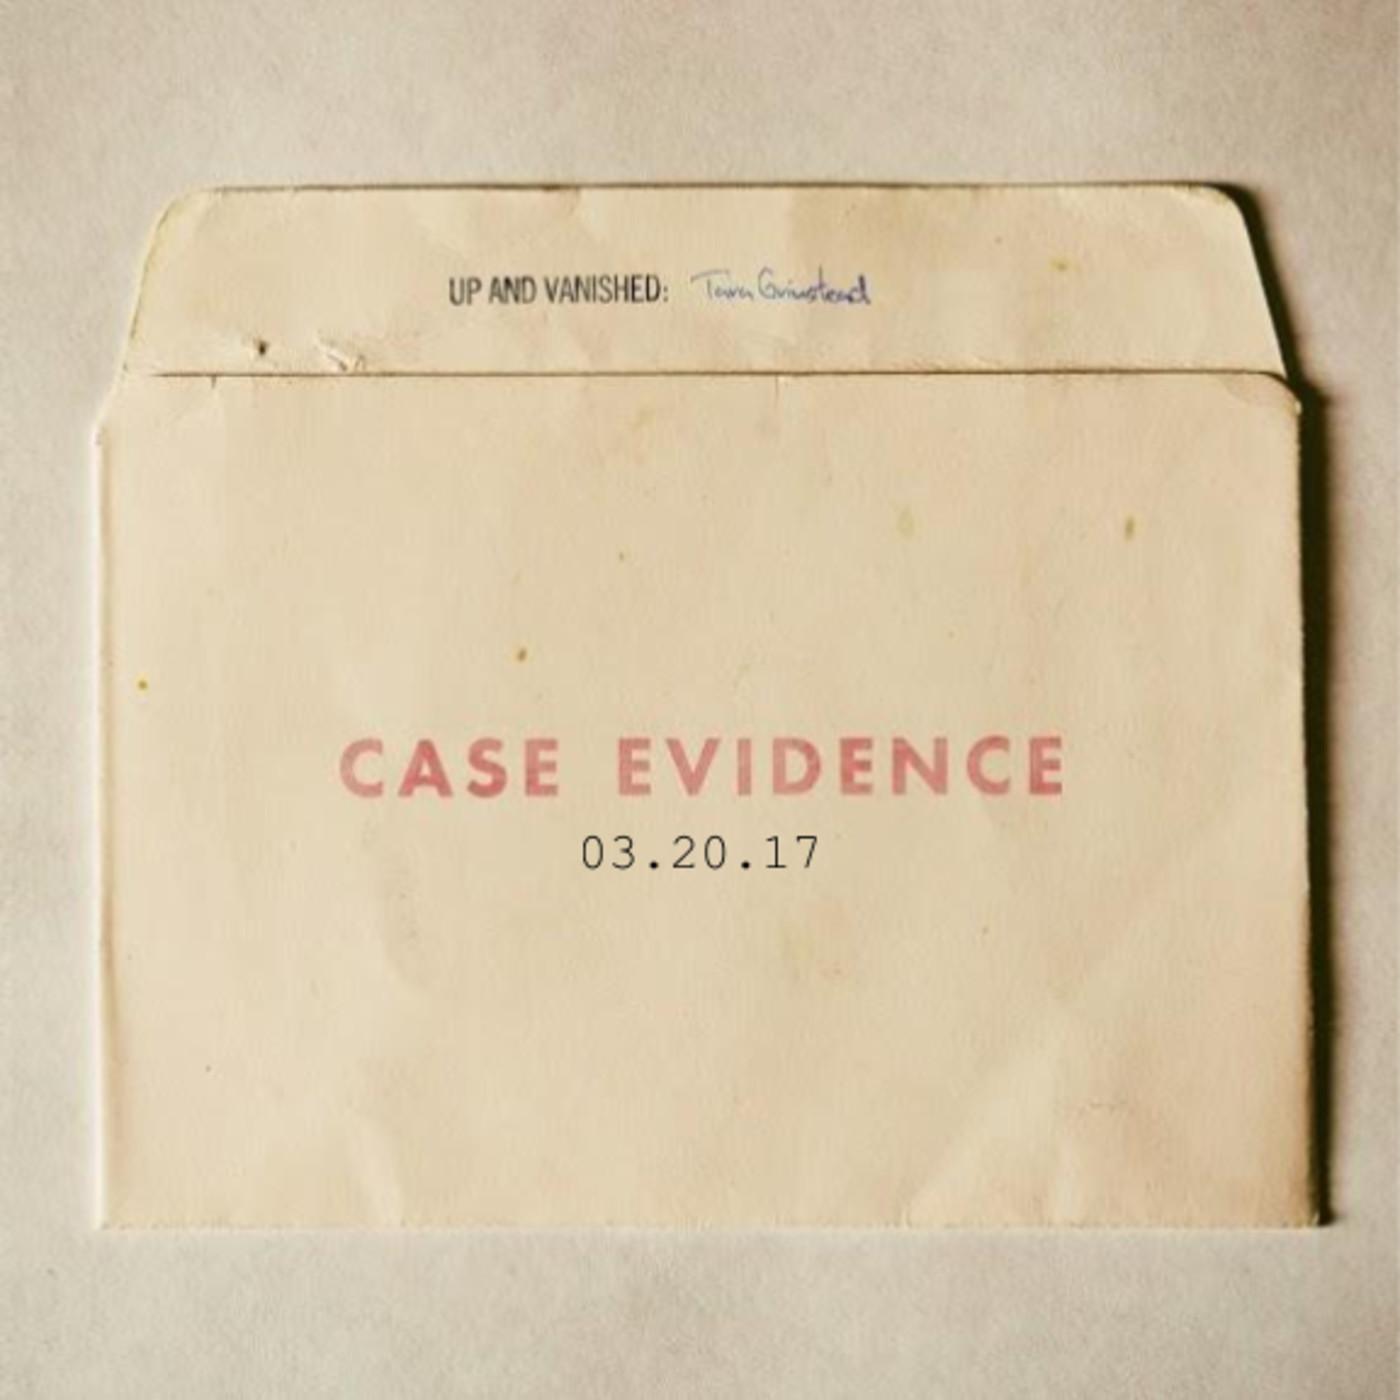 S1E : Case Evidence 03.20.17